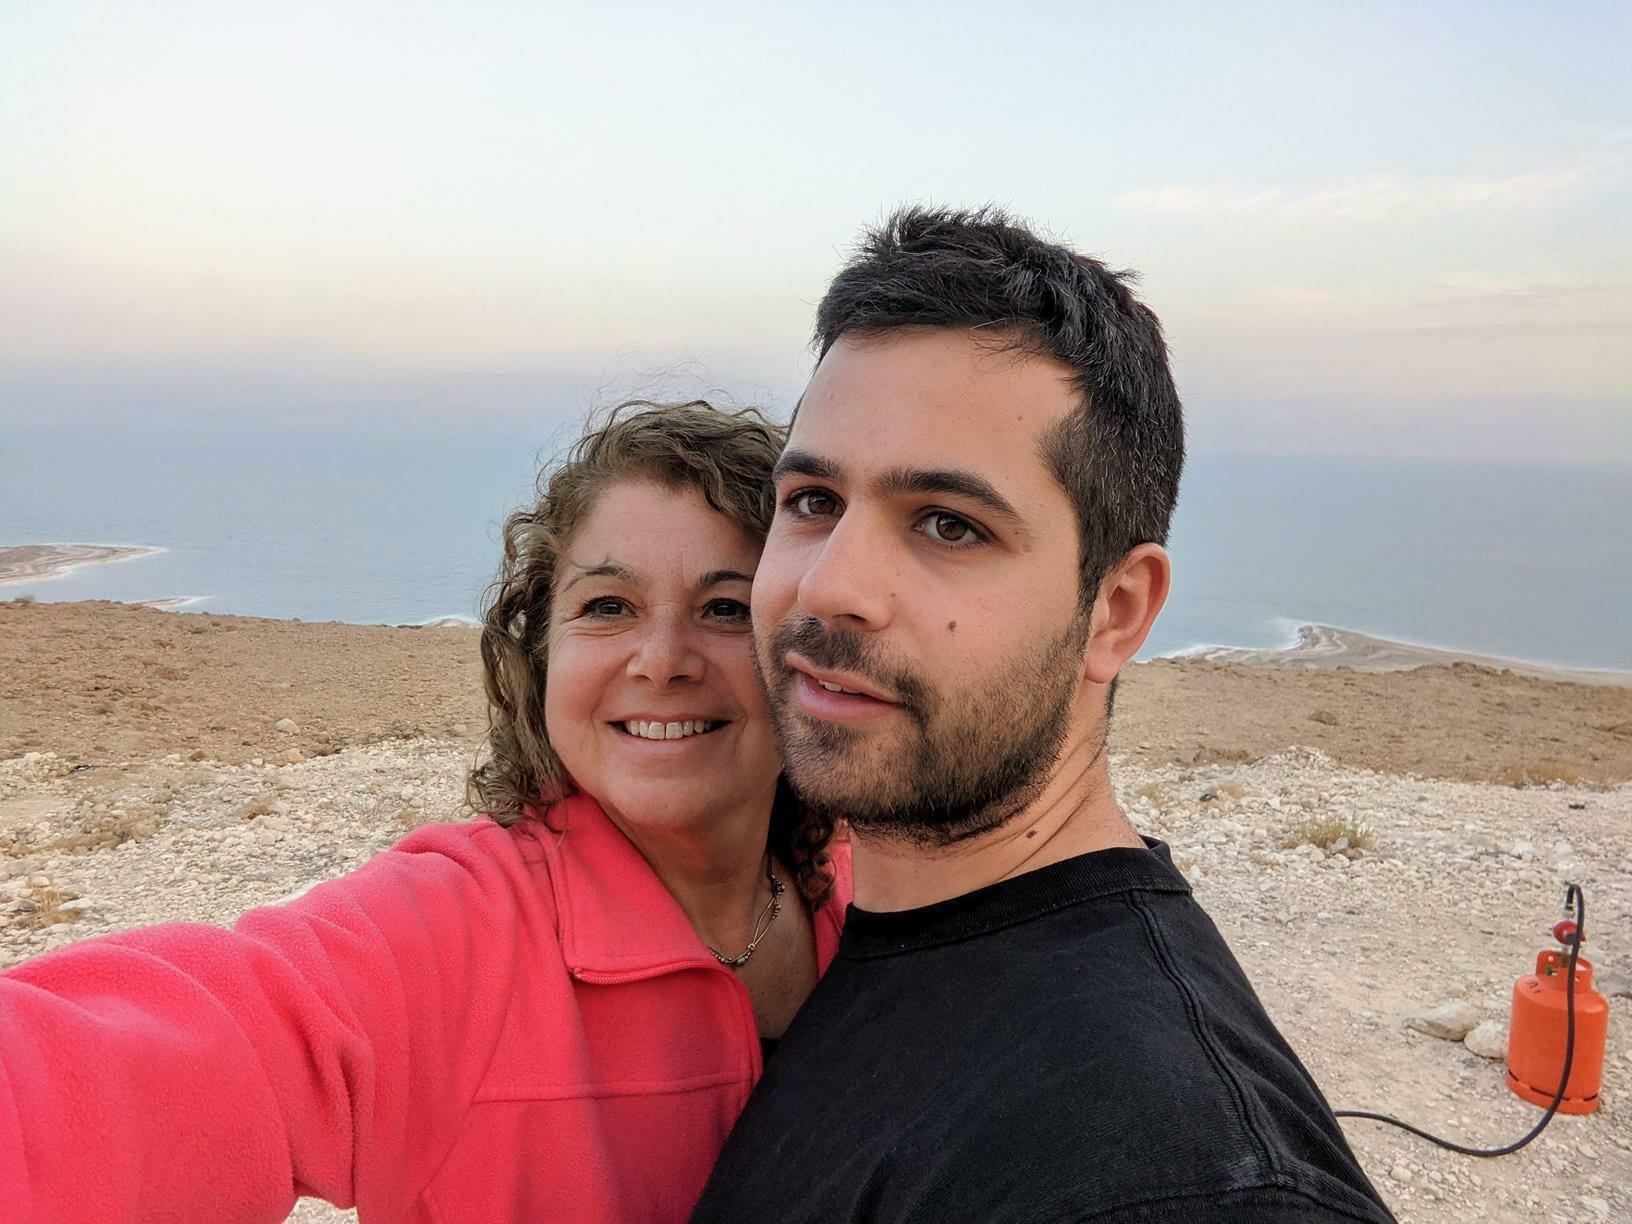 """סיום היום בסדנת פיתות על מצוקי ים המלח, צילום: ד""""ר ענת אביטל"""